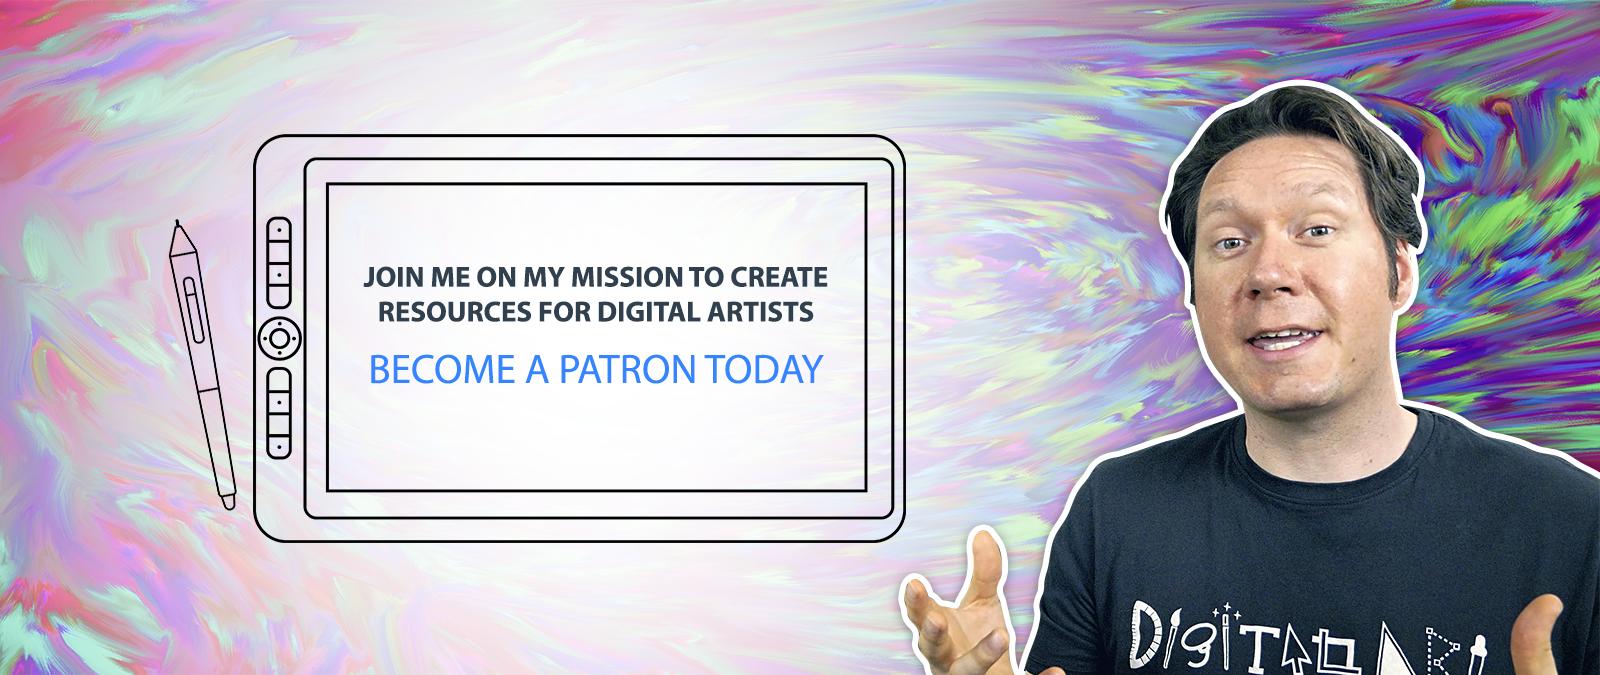 Aaron Rutten is creating Digital Art Resources | Patreon